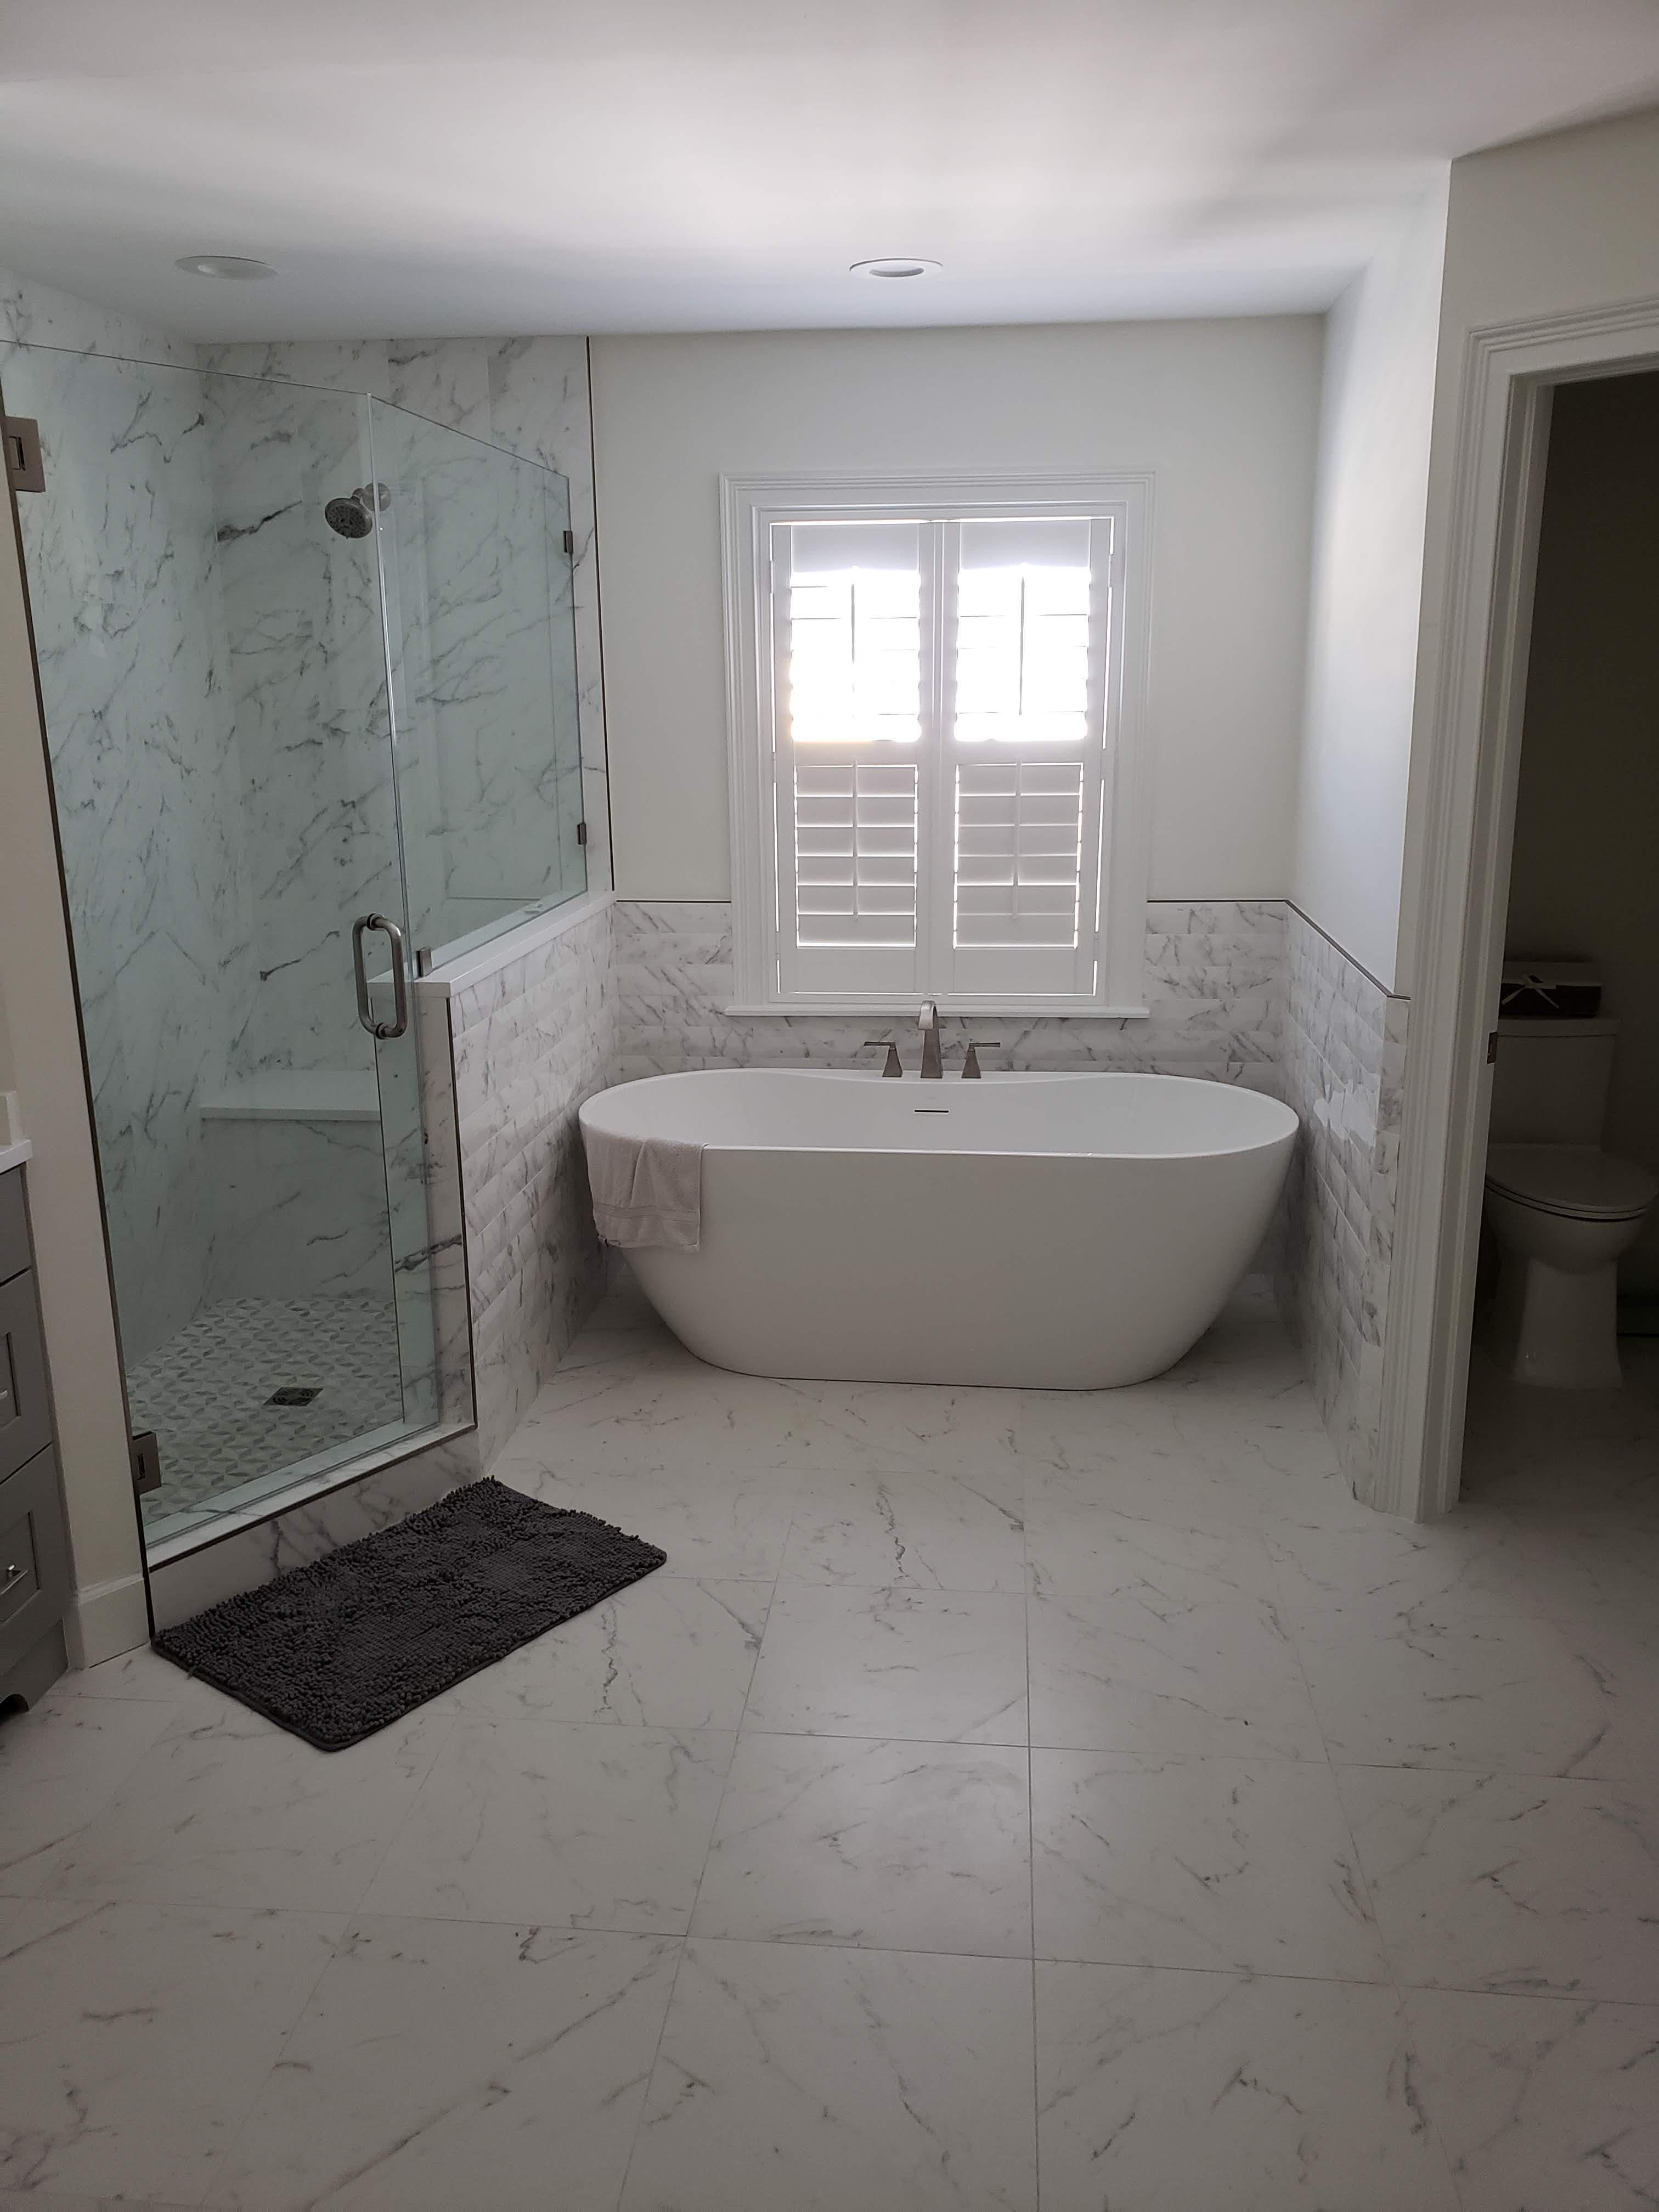 Marble porcelain bath & walk in shower remodel